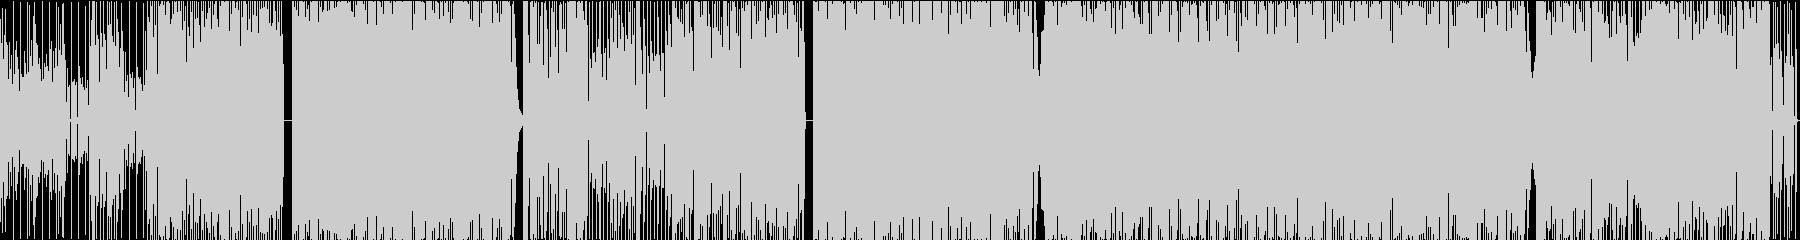 荒ぶれた雰囲気のパンク系テクノポップの未再生の波形